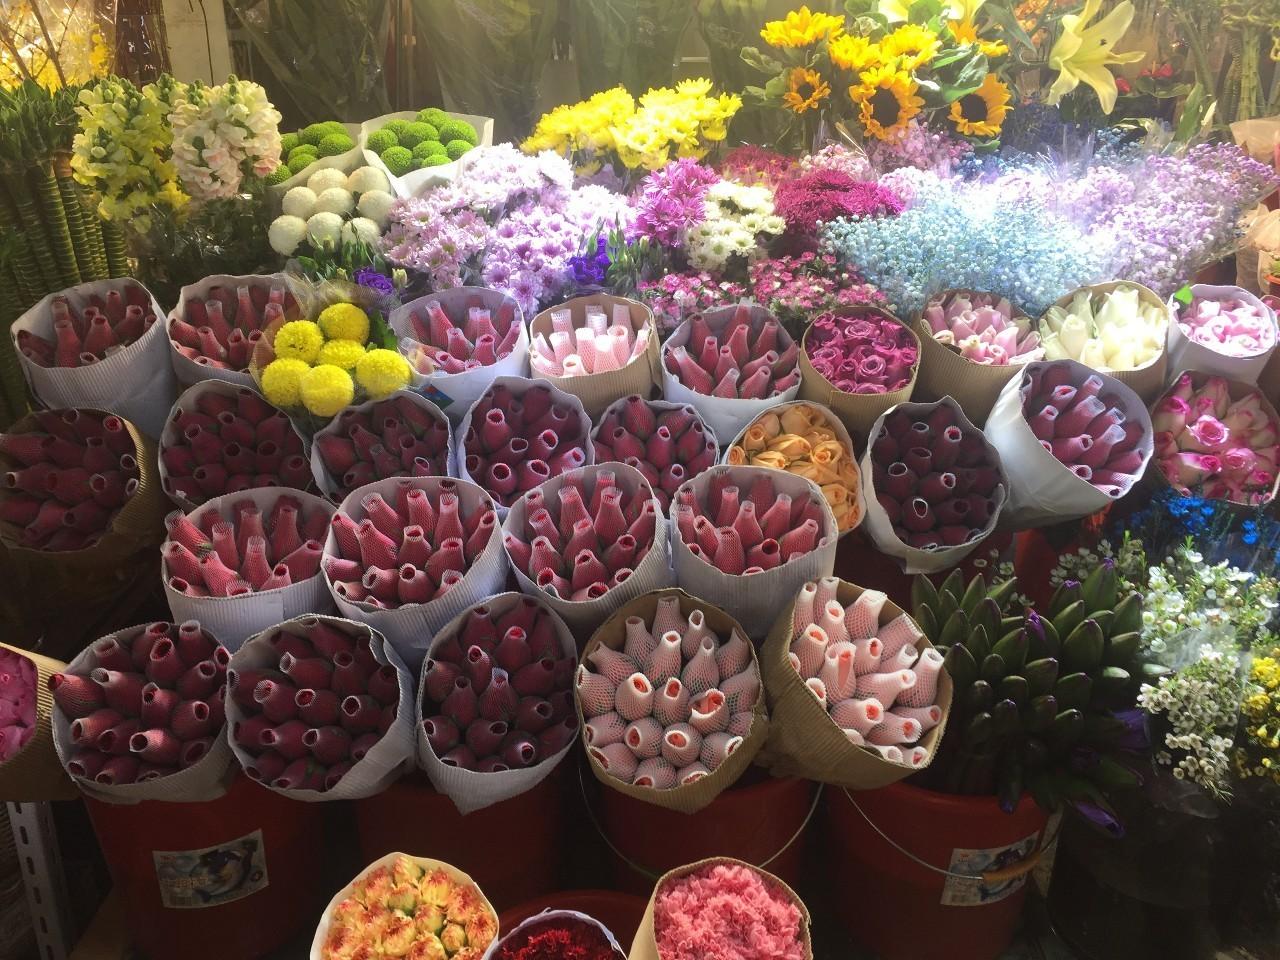 33朵红玫瑰花束图片